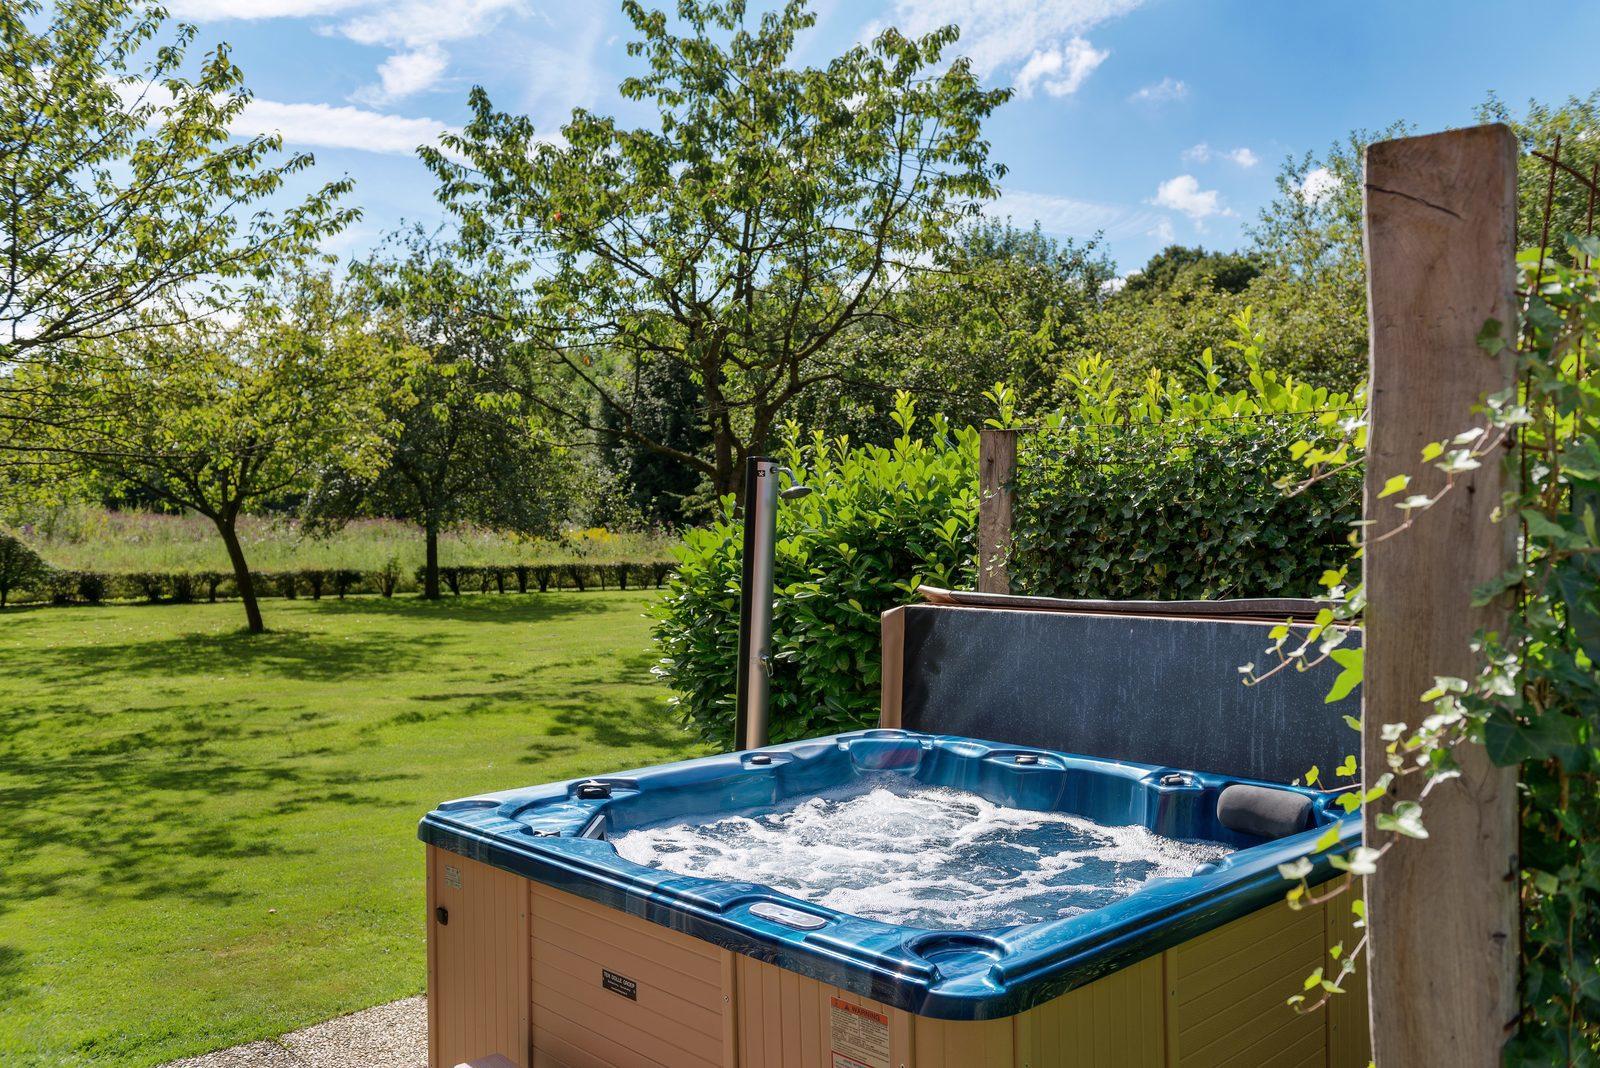 Wellnessvakantie met sauna en jacuzzi